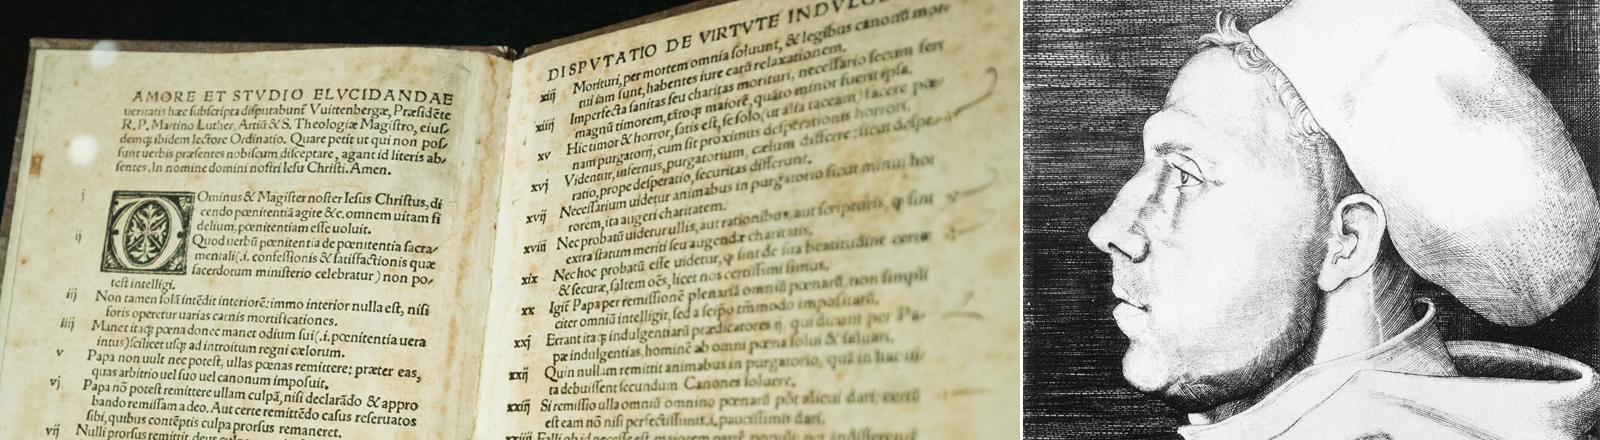 Ein Druck von 1517 mit den 95 lateinischen Thesen von Martin Luther und eine zeitgenössischen Darstellung des deutschen Reformators.